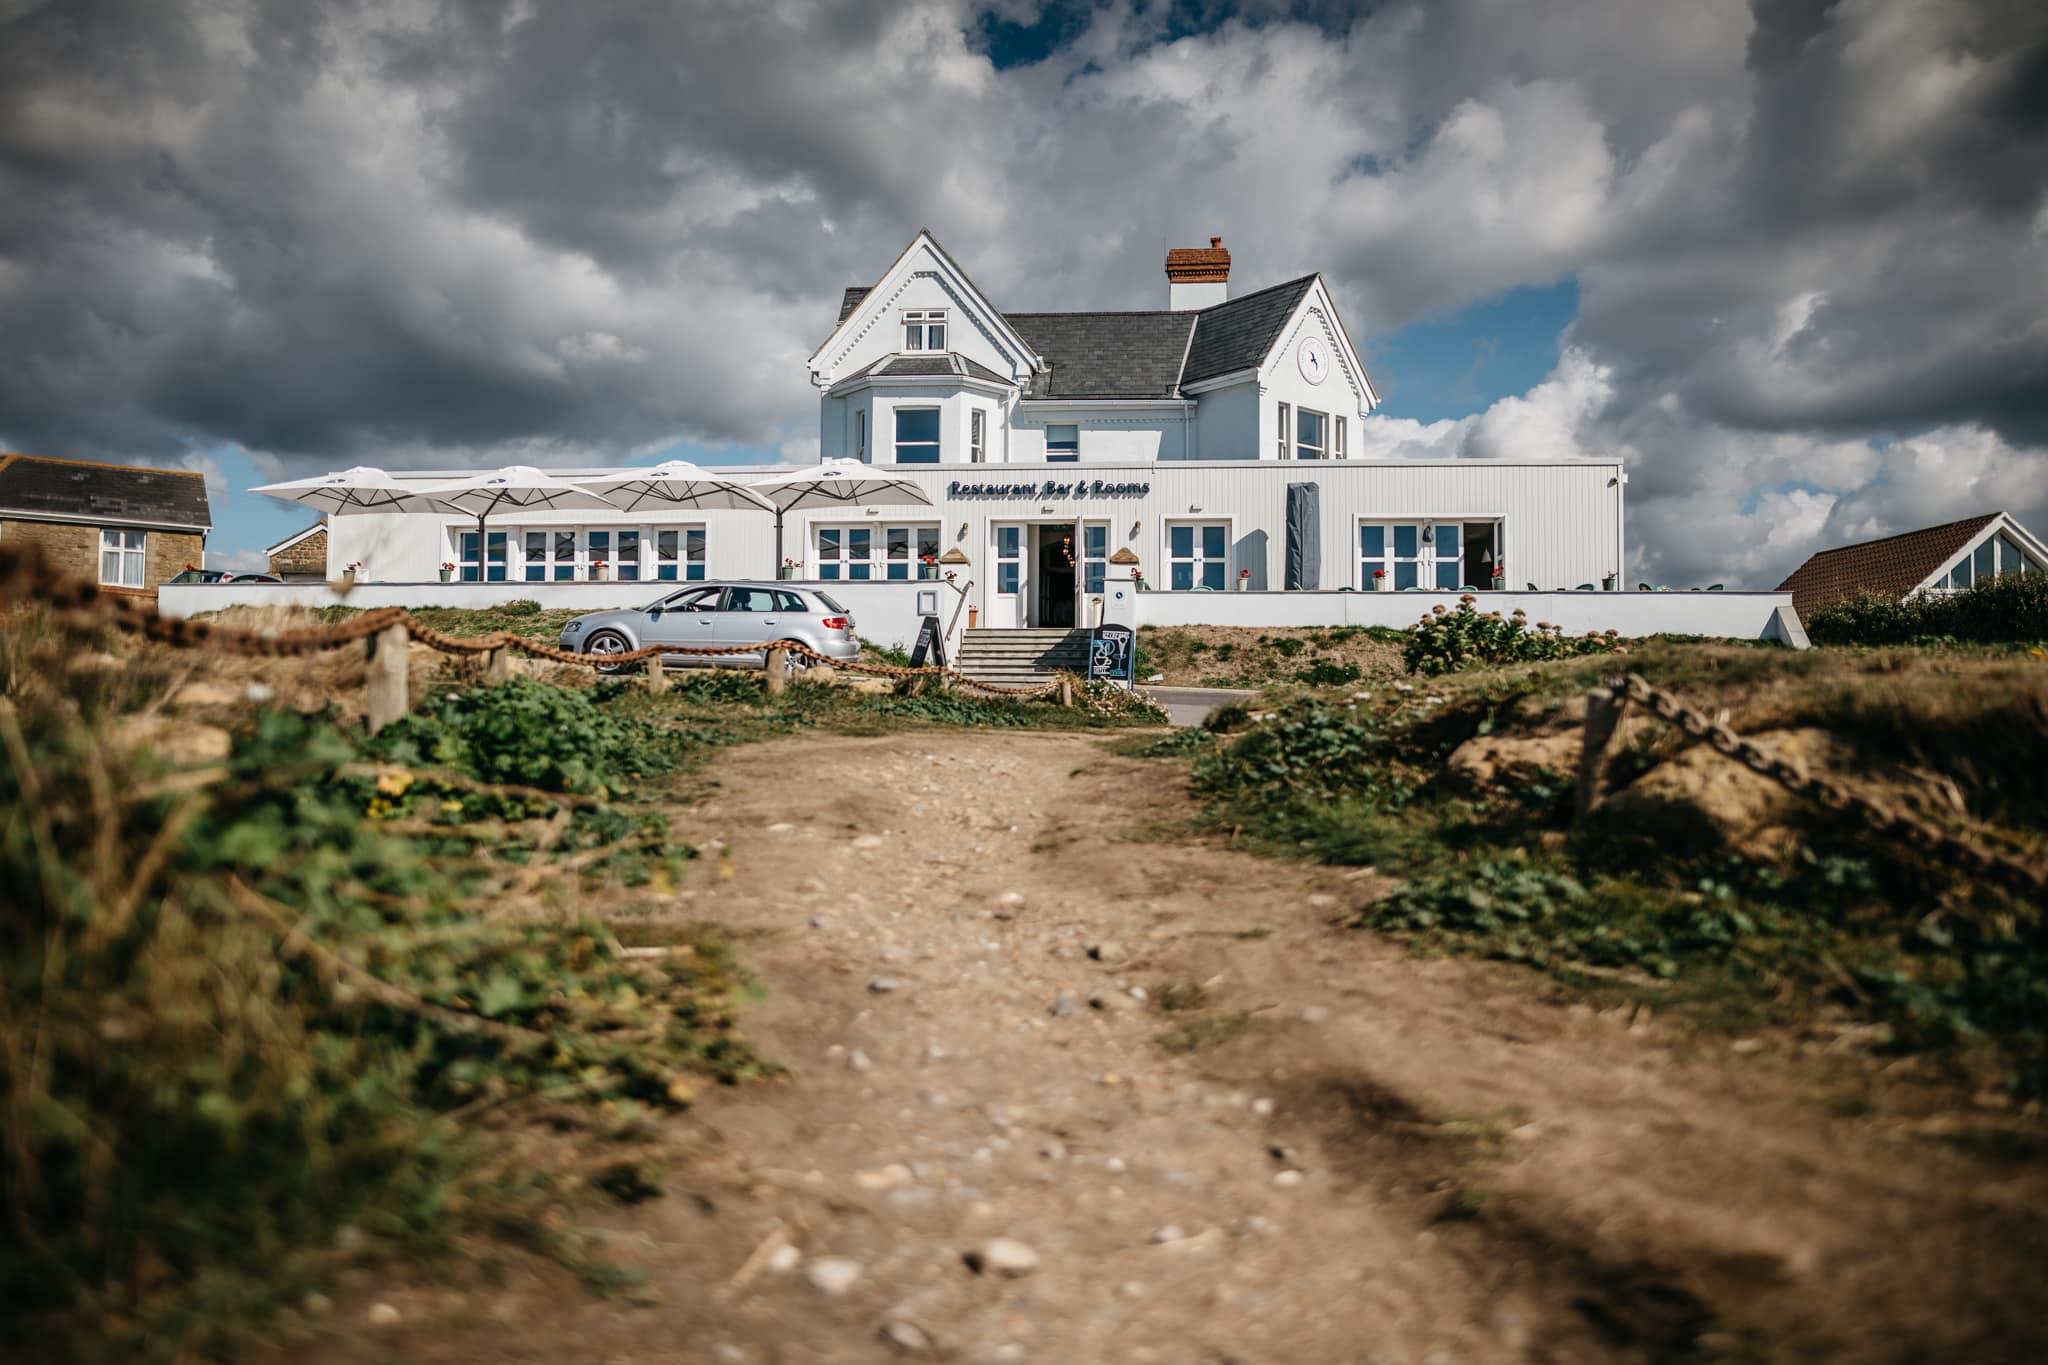 The Seaside Boarding House in Bridport